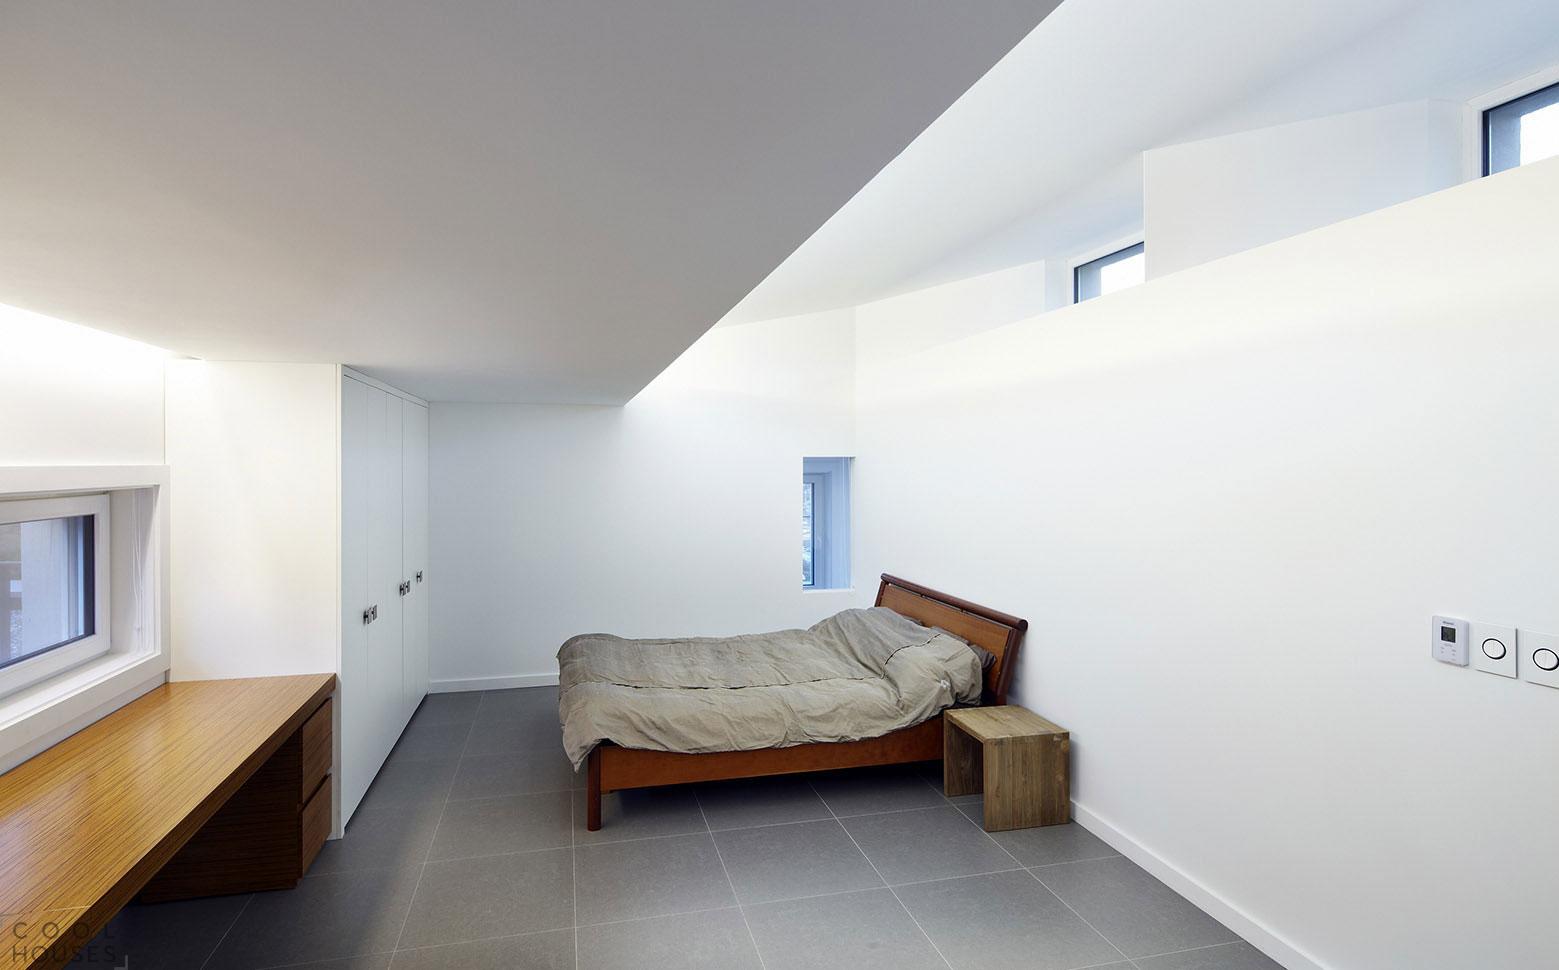 Дизайн дачного дома в современном стиле